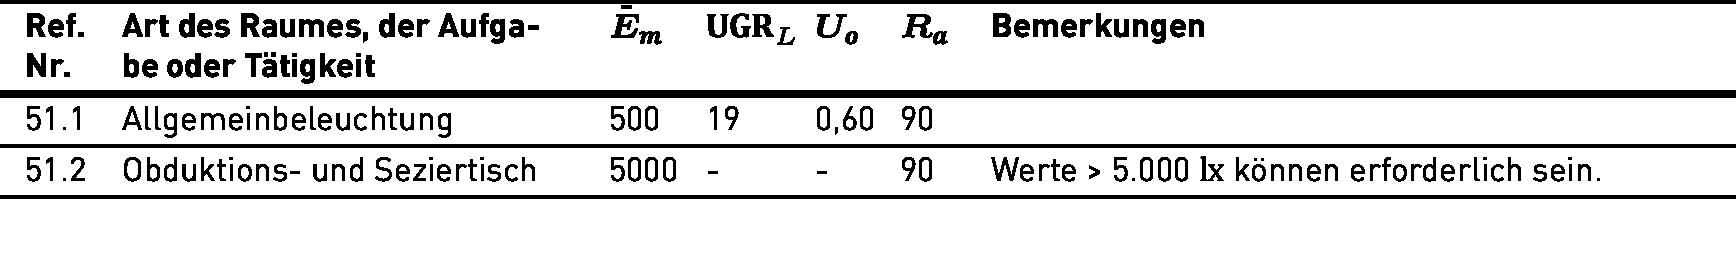 Önorm En 12464 1 Licht Und Beleuchtung Beleuchtung Von Arbeitsstätten   Lichttechnische Anforderungen Gemass Din En 12464 1